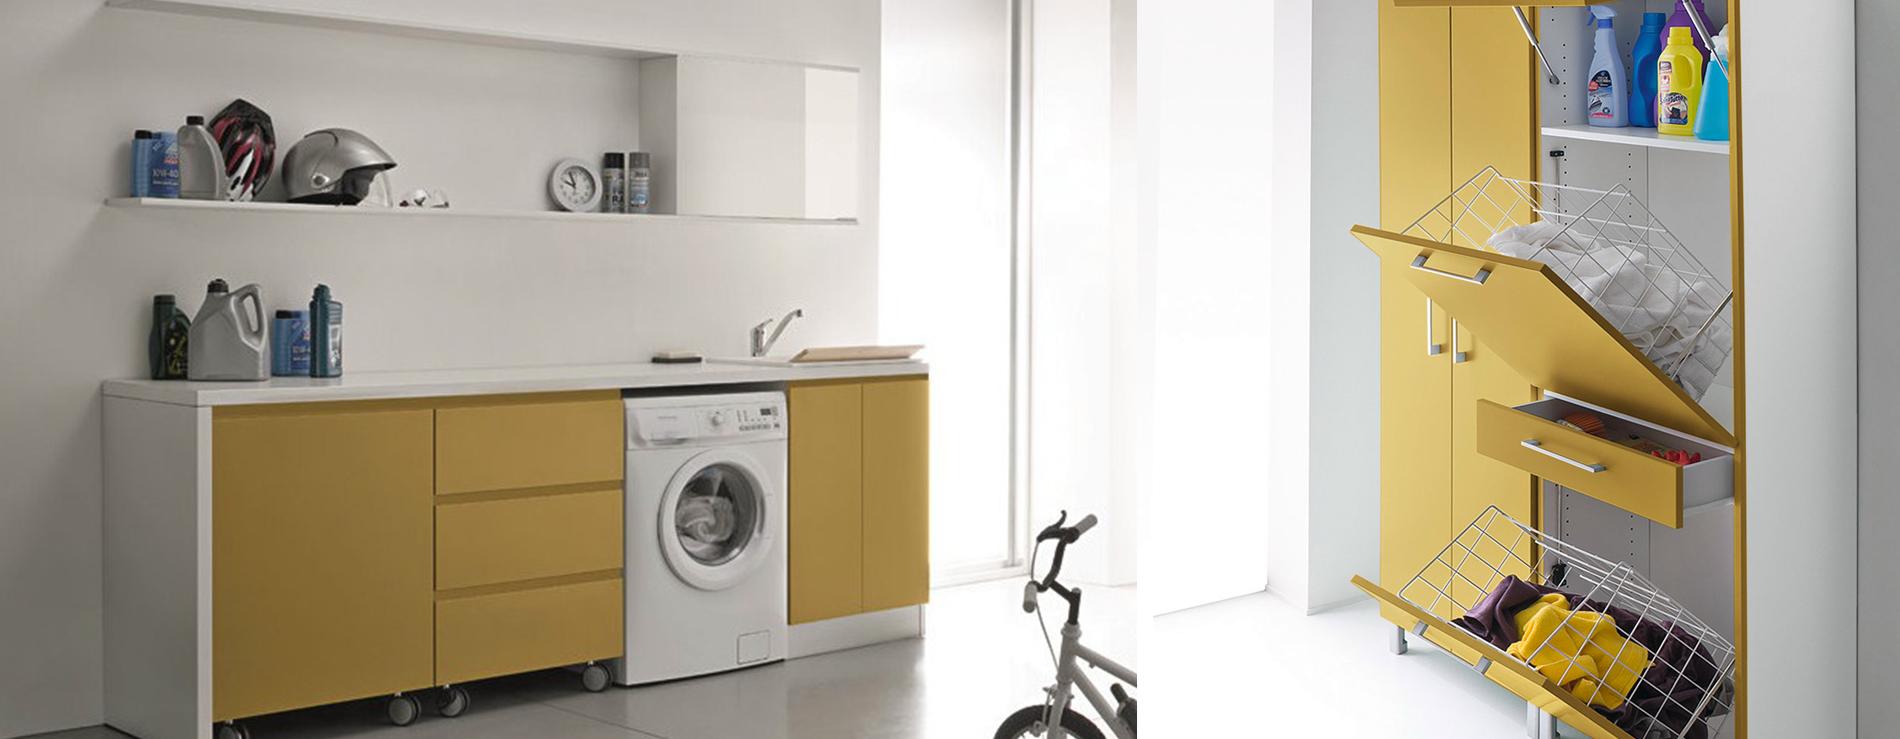 Idrobox birex centro mobili for Arredo per lavanderia di casa